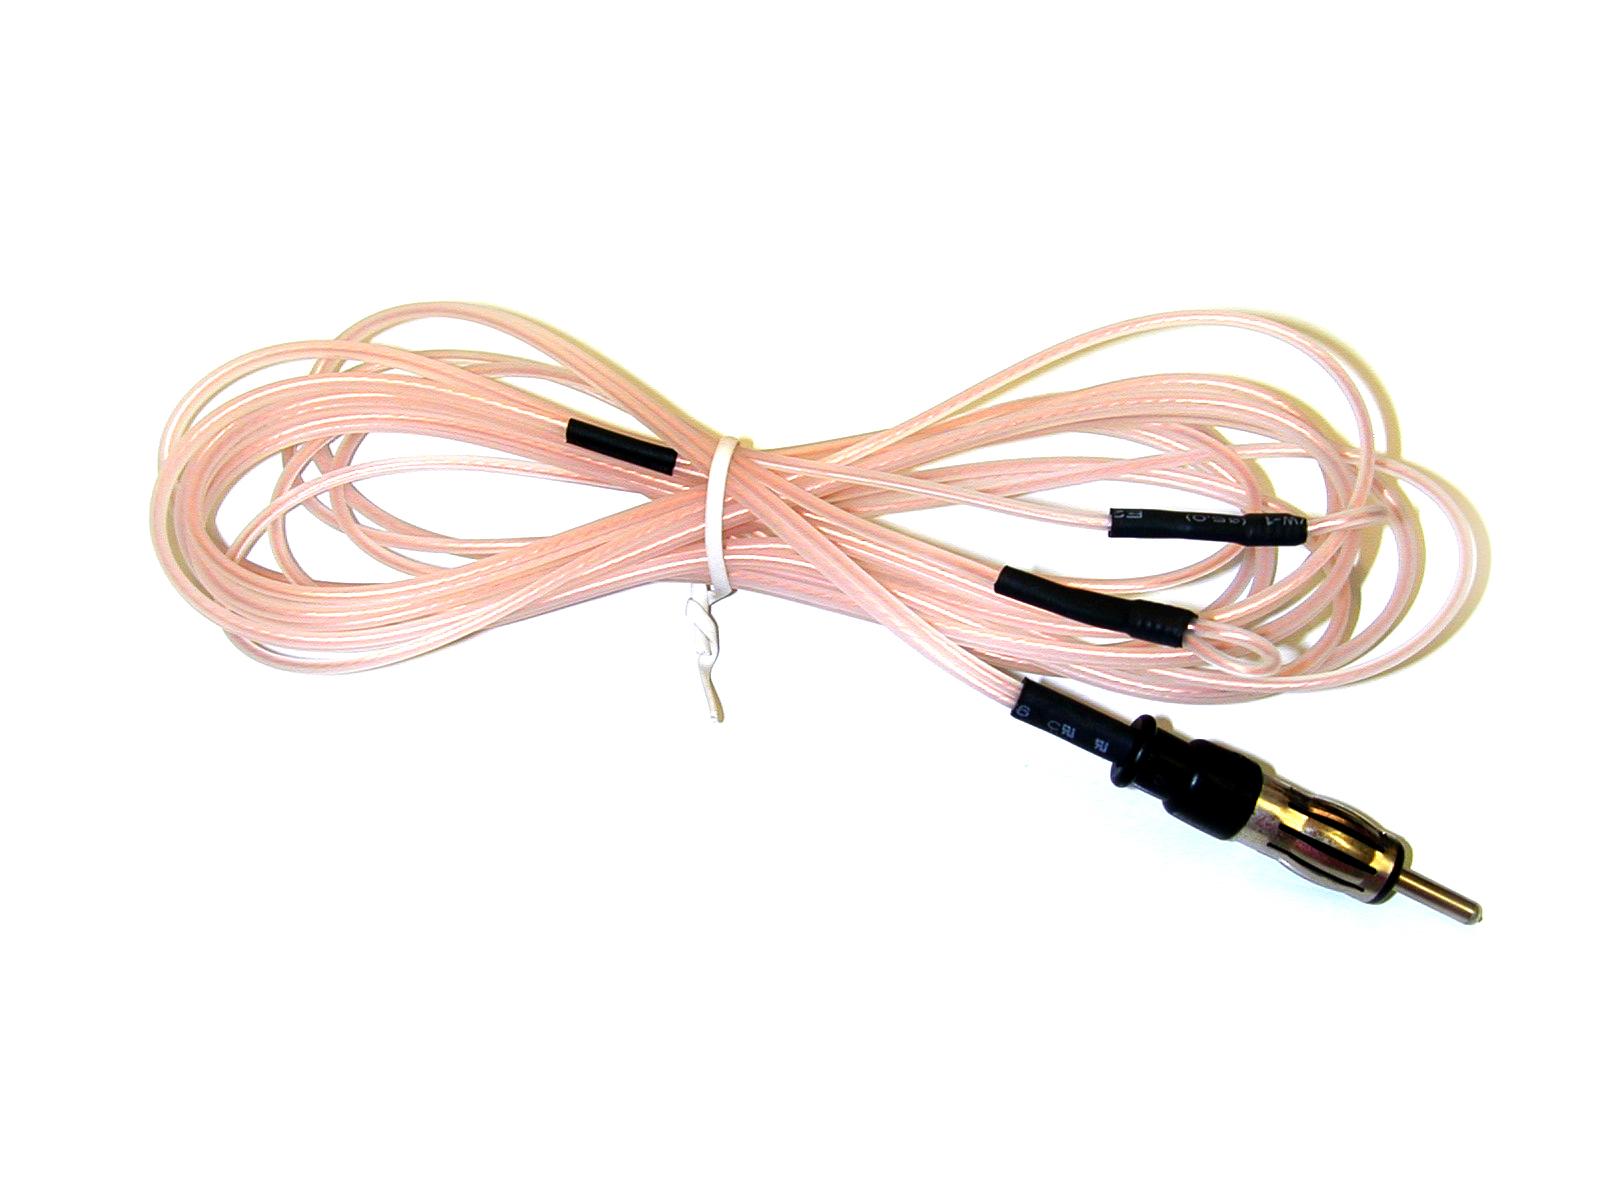 Audio Jack To Speaker Wiring Diagram Schematics Stereo Input Poly Planar 5 Dipole Wire Antenna Da 1 Dlc